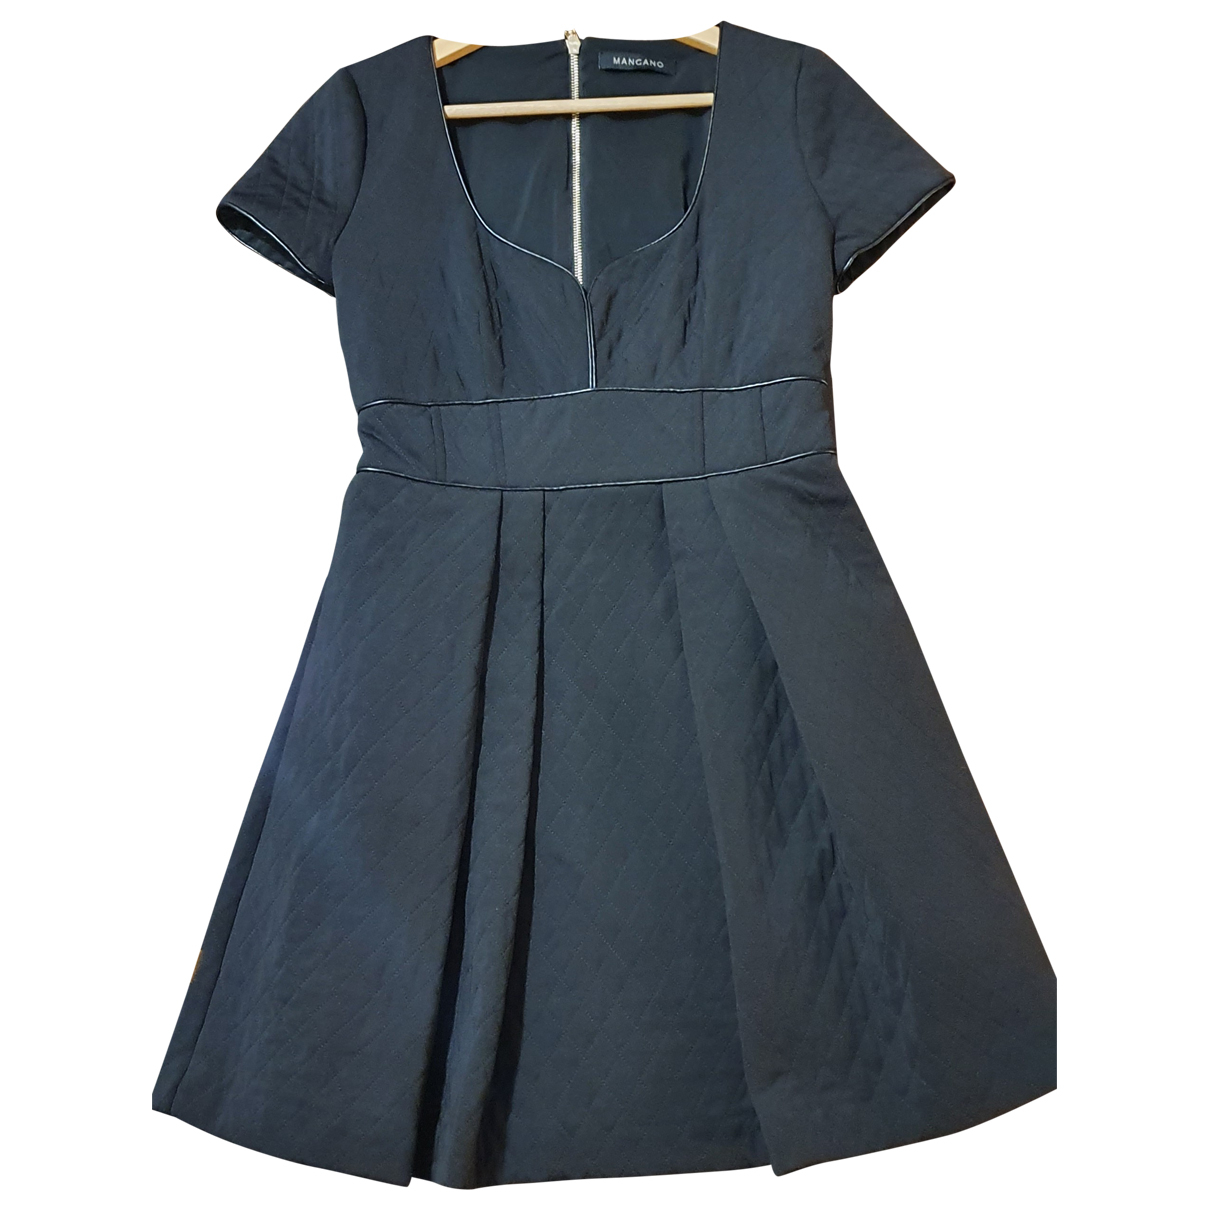 Mangano \N Kleid in  Schwarz Viskose